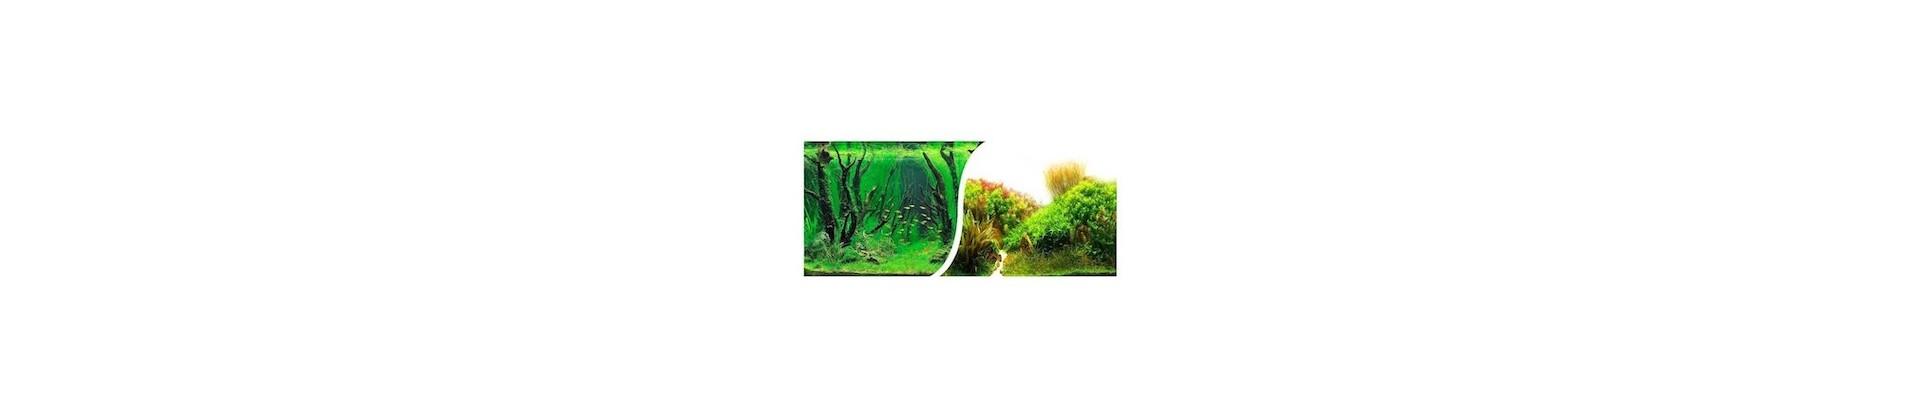 Poster de fond d'aquarium